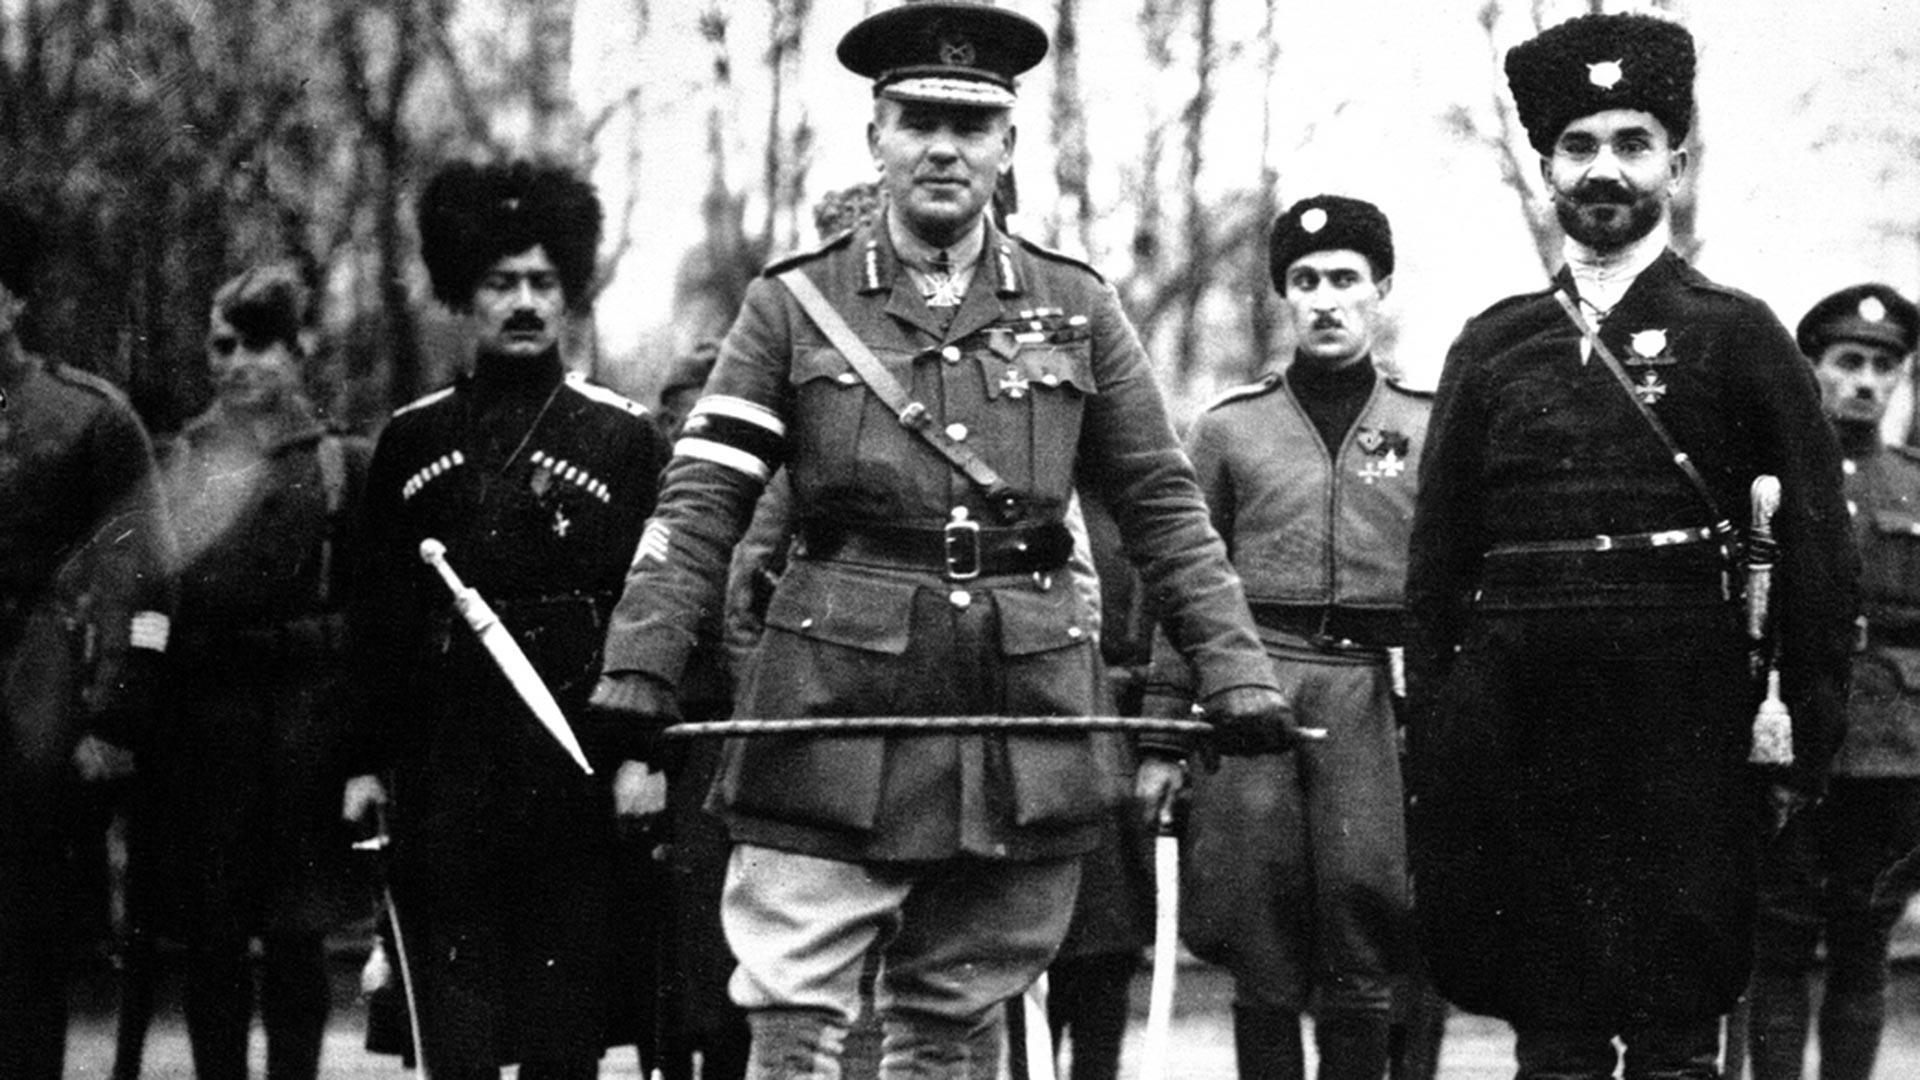 Britanski general Frederick Poole, koji je zapovijedao savezničkim snagama u Arhangelsku do listopada 1918. godine, zajedno s kozacima. Kasnije je stacioniran s